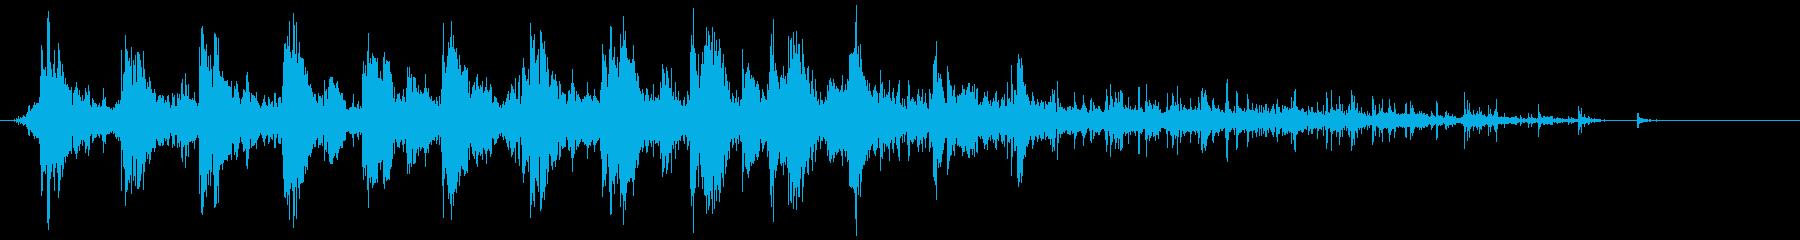 効果音 ドンドンパフパフ SEの再生済みの波形